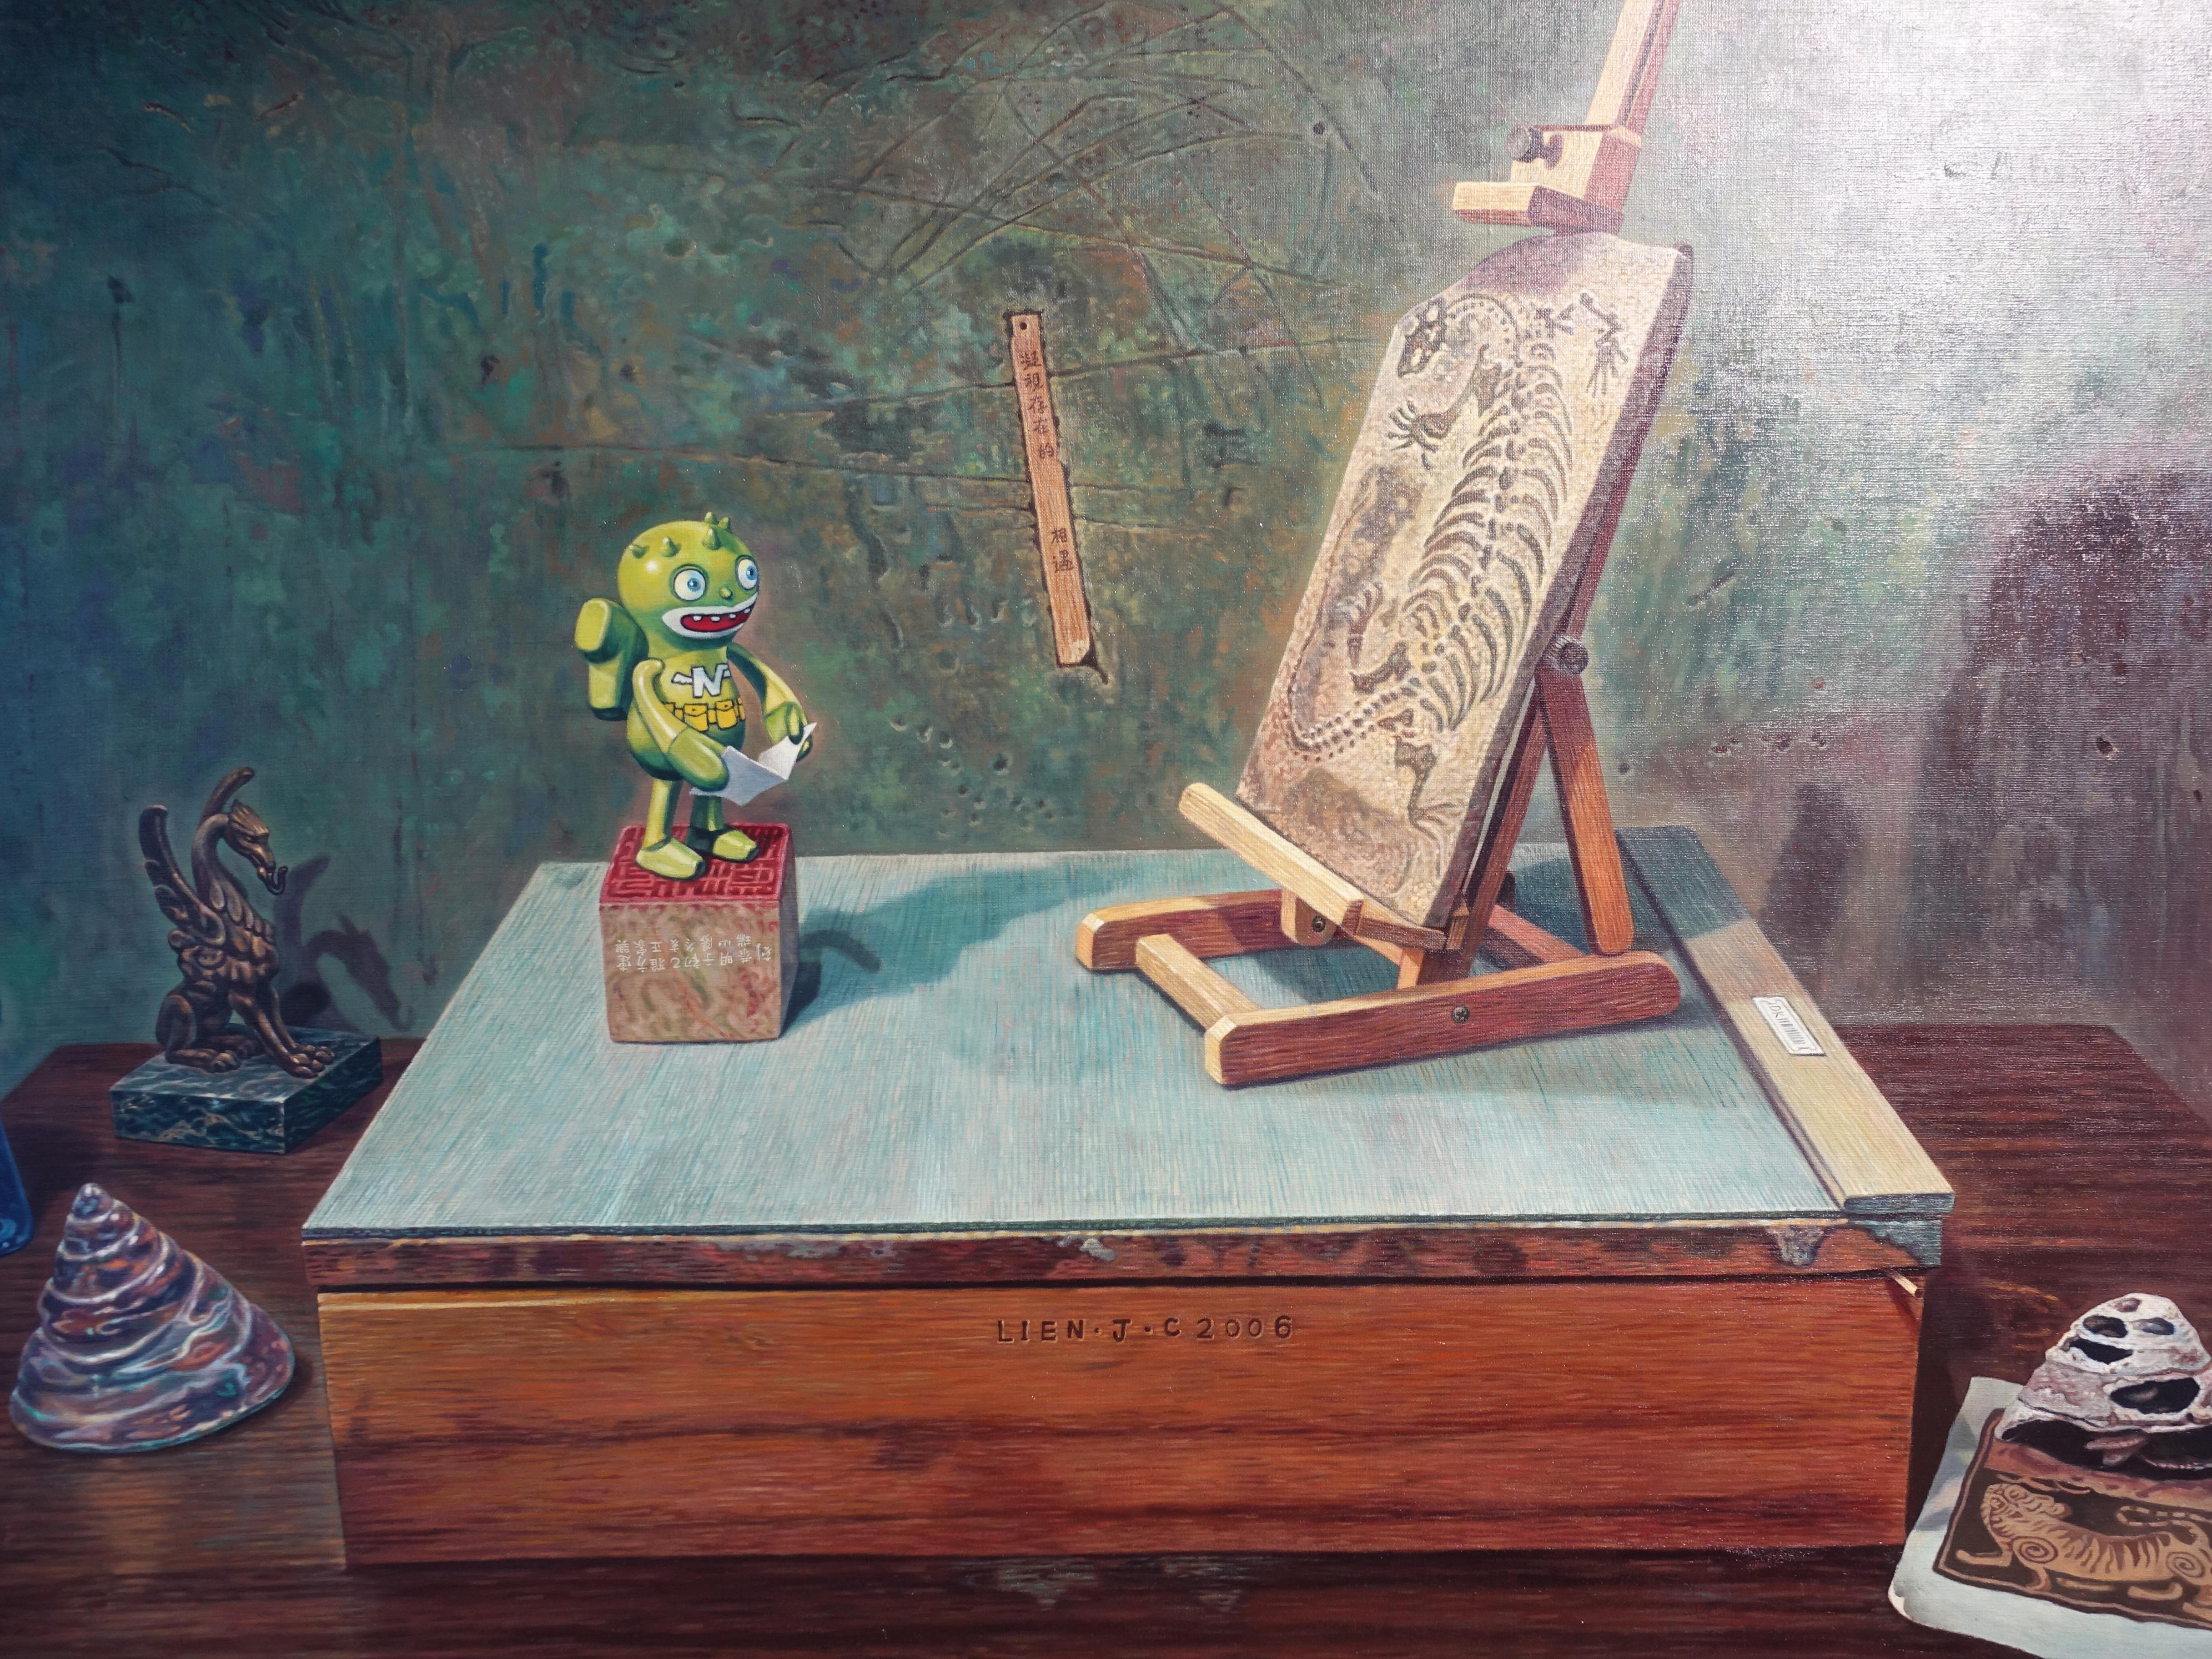 連建興,《感性的凝望》細節,130 x 89 cm,油彩、畫布,2006。